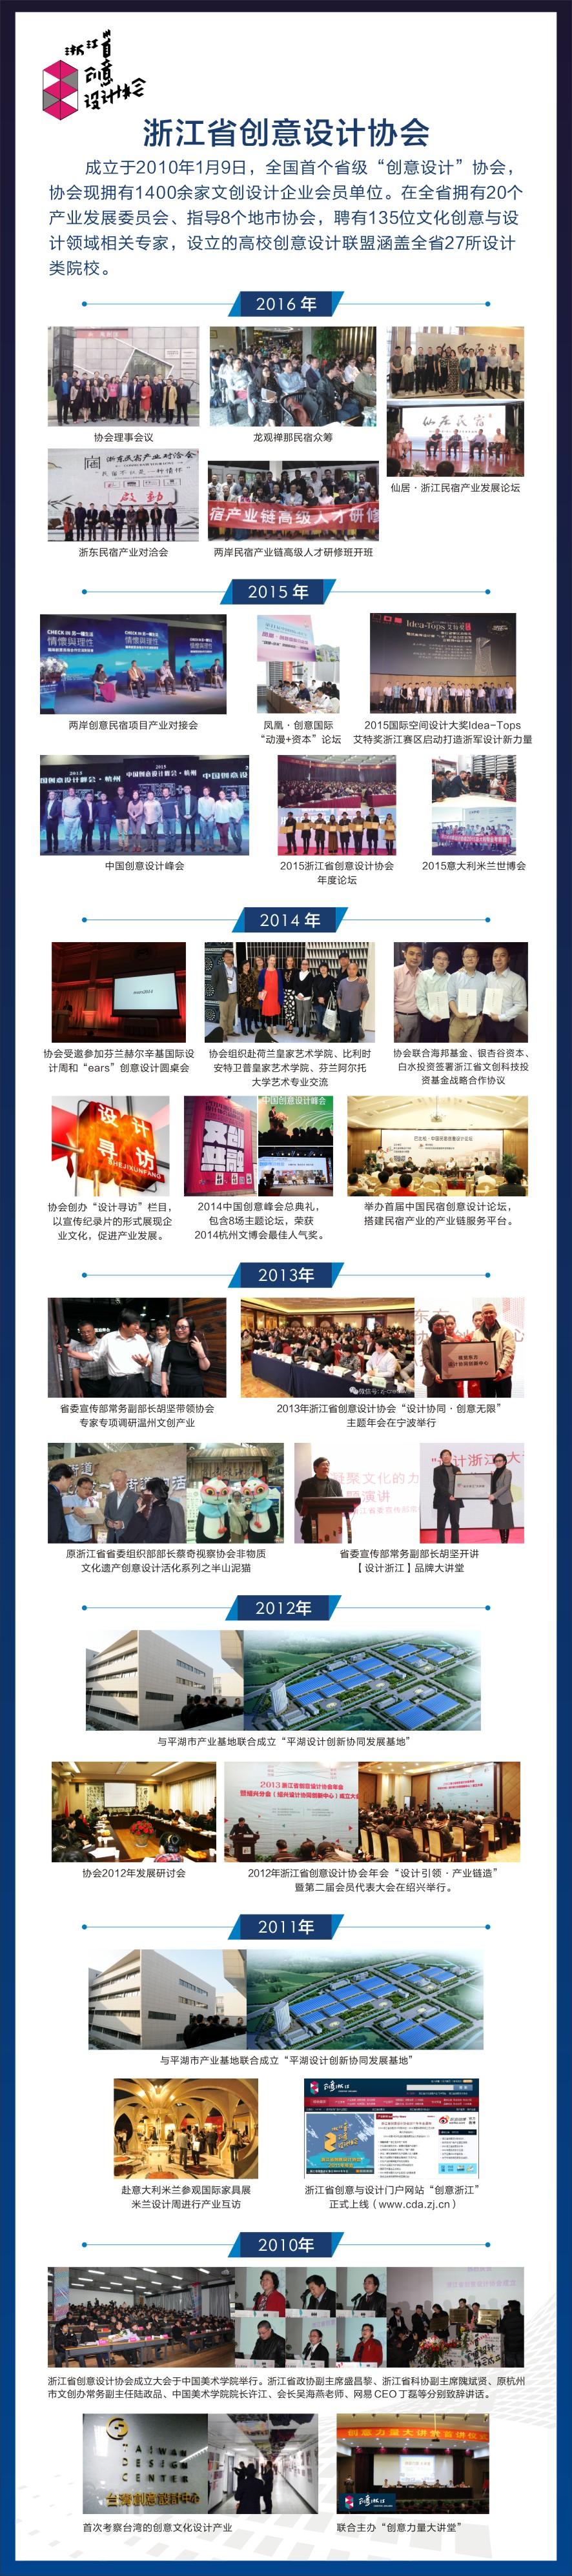 推动浙江省文化创意和设计服务与相关产业融合发展